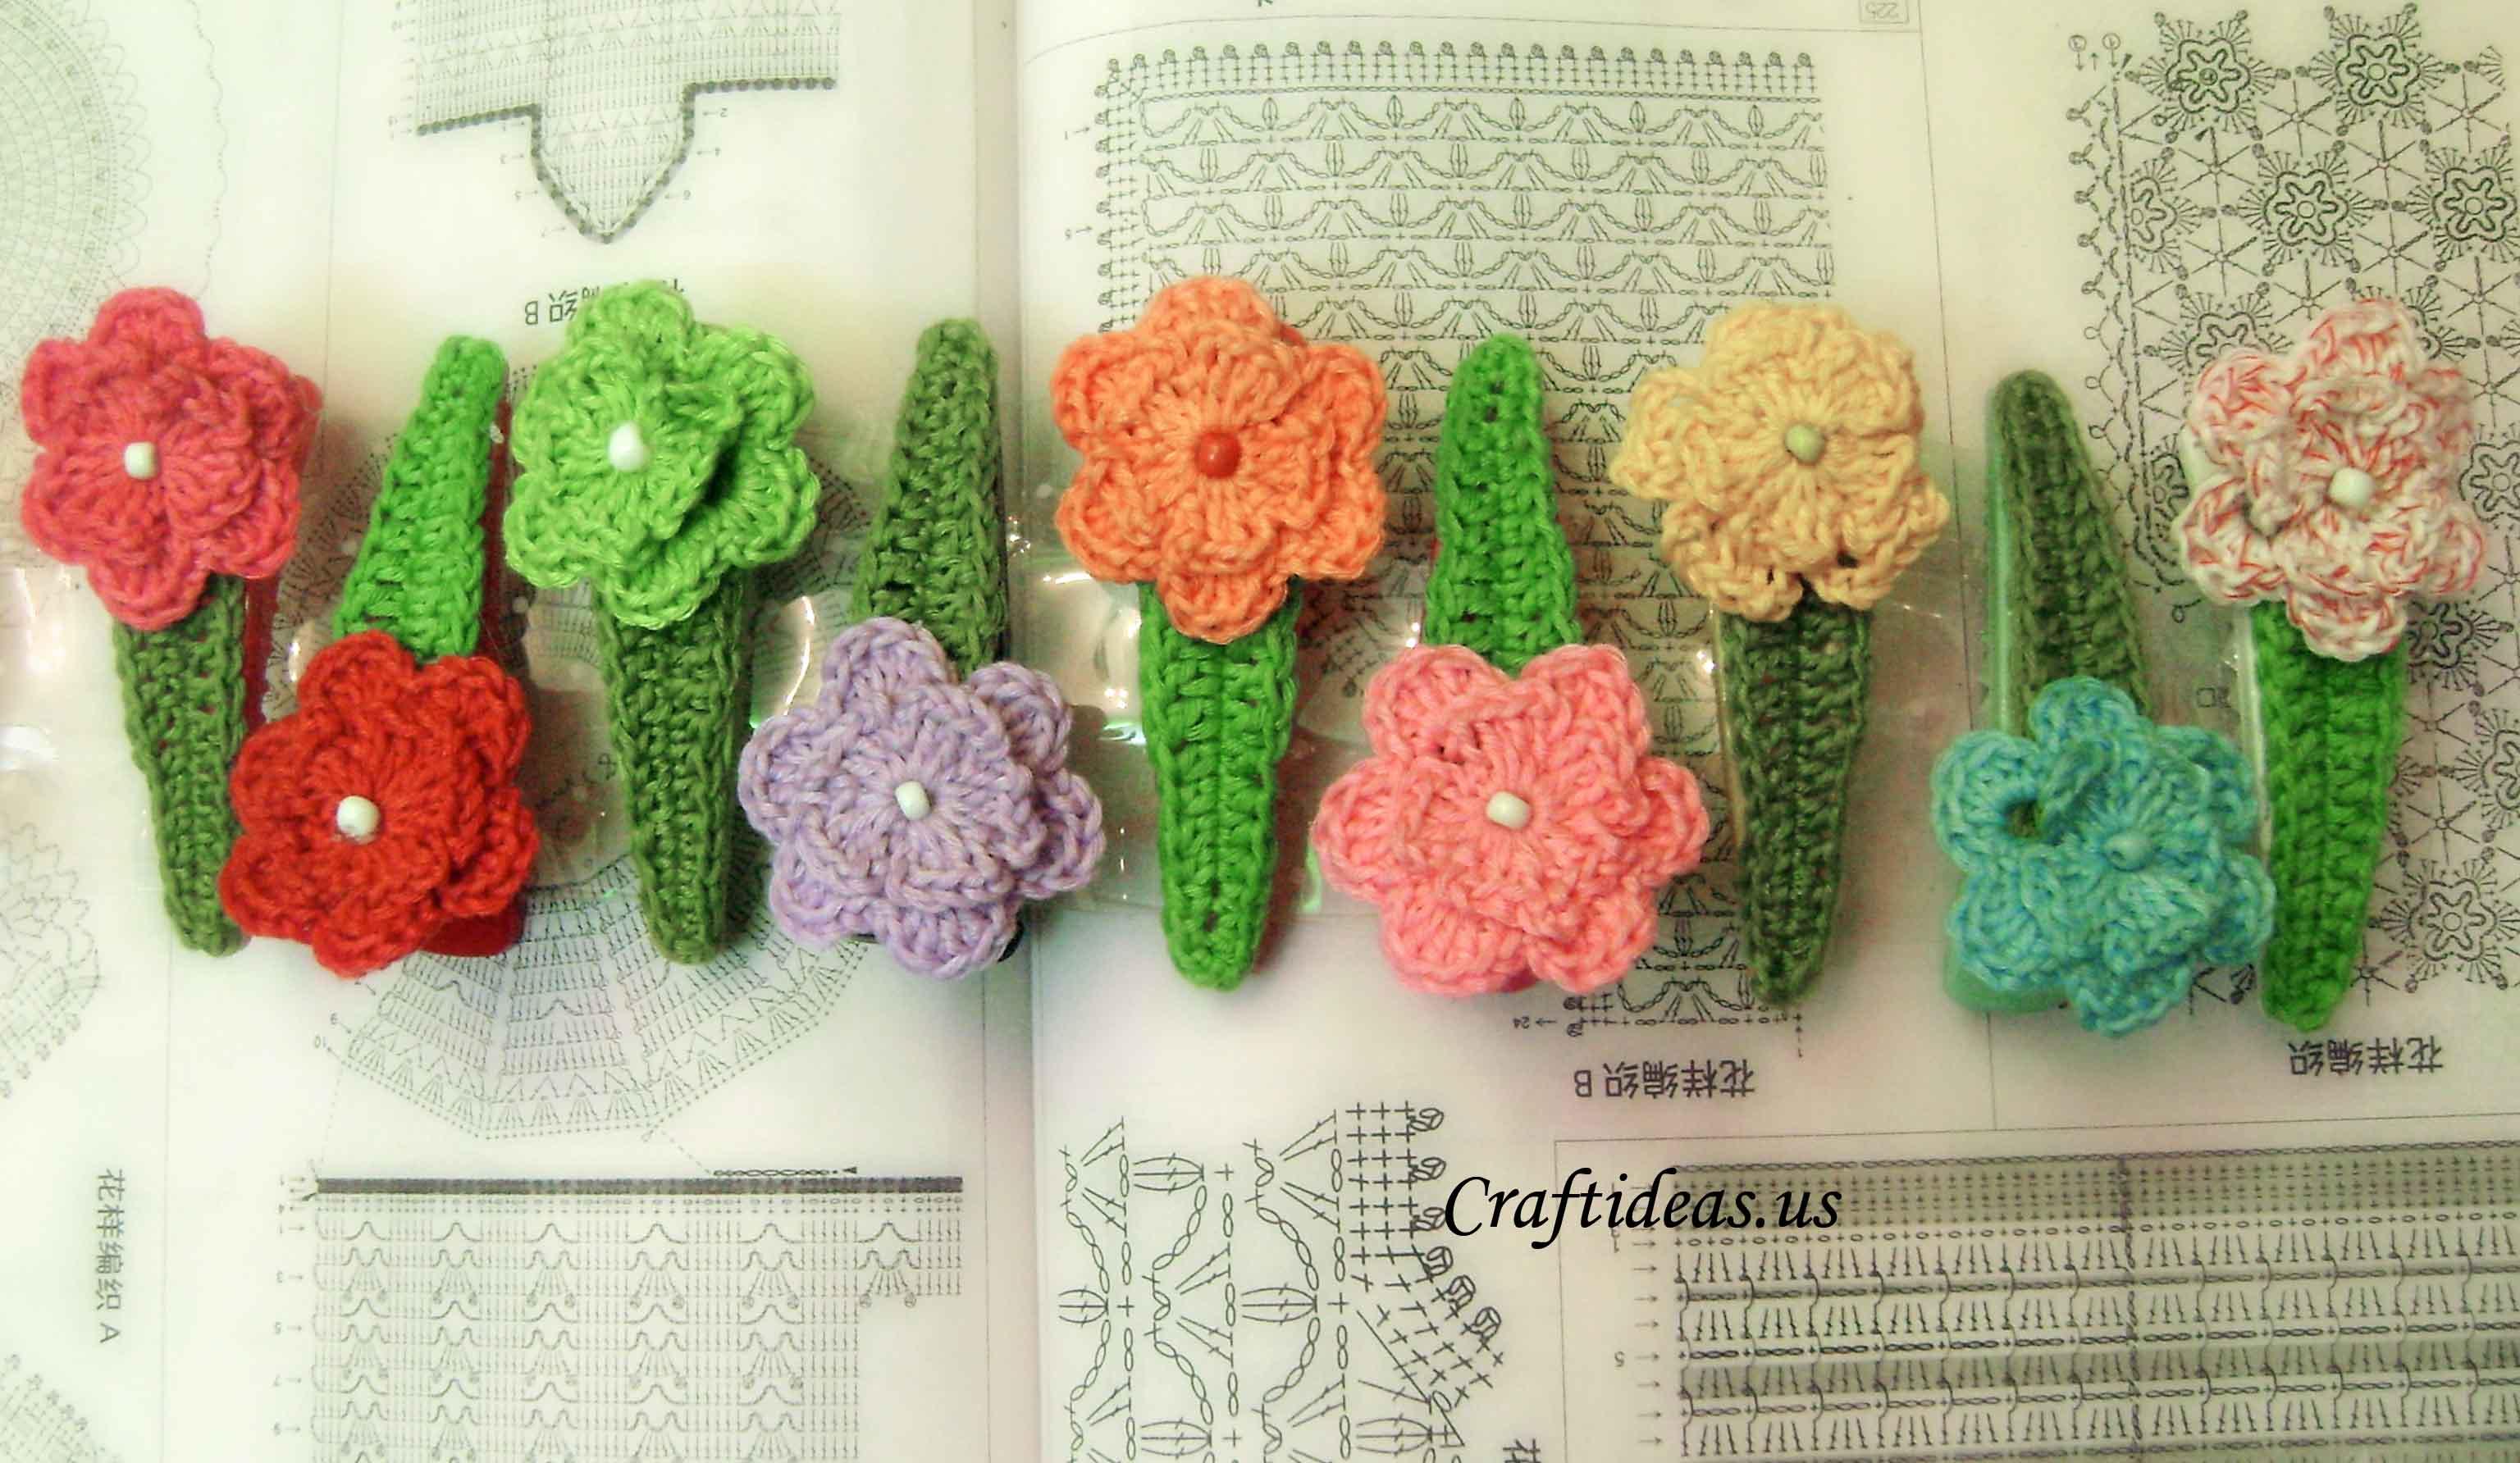 Flowers craft ideas crafts for kids hobbycraft - Como hacer adornos para el pelo ...